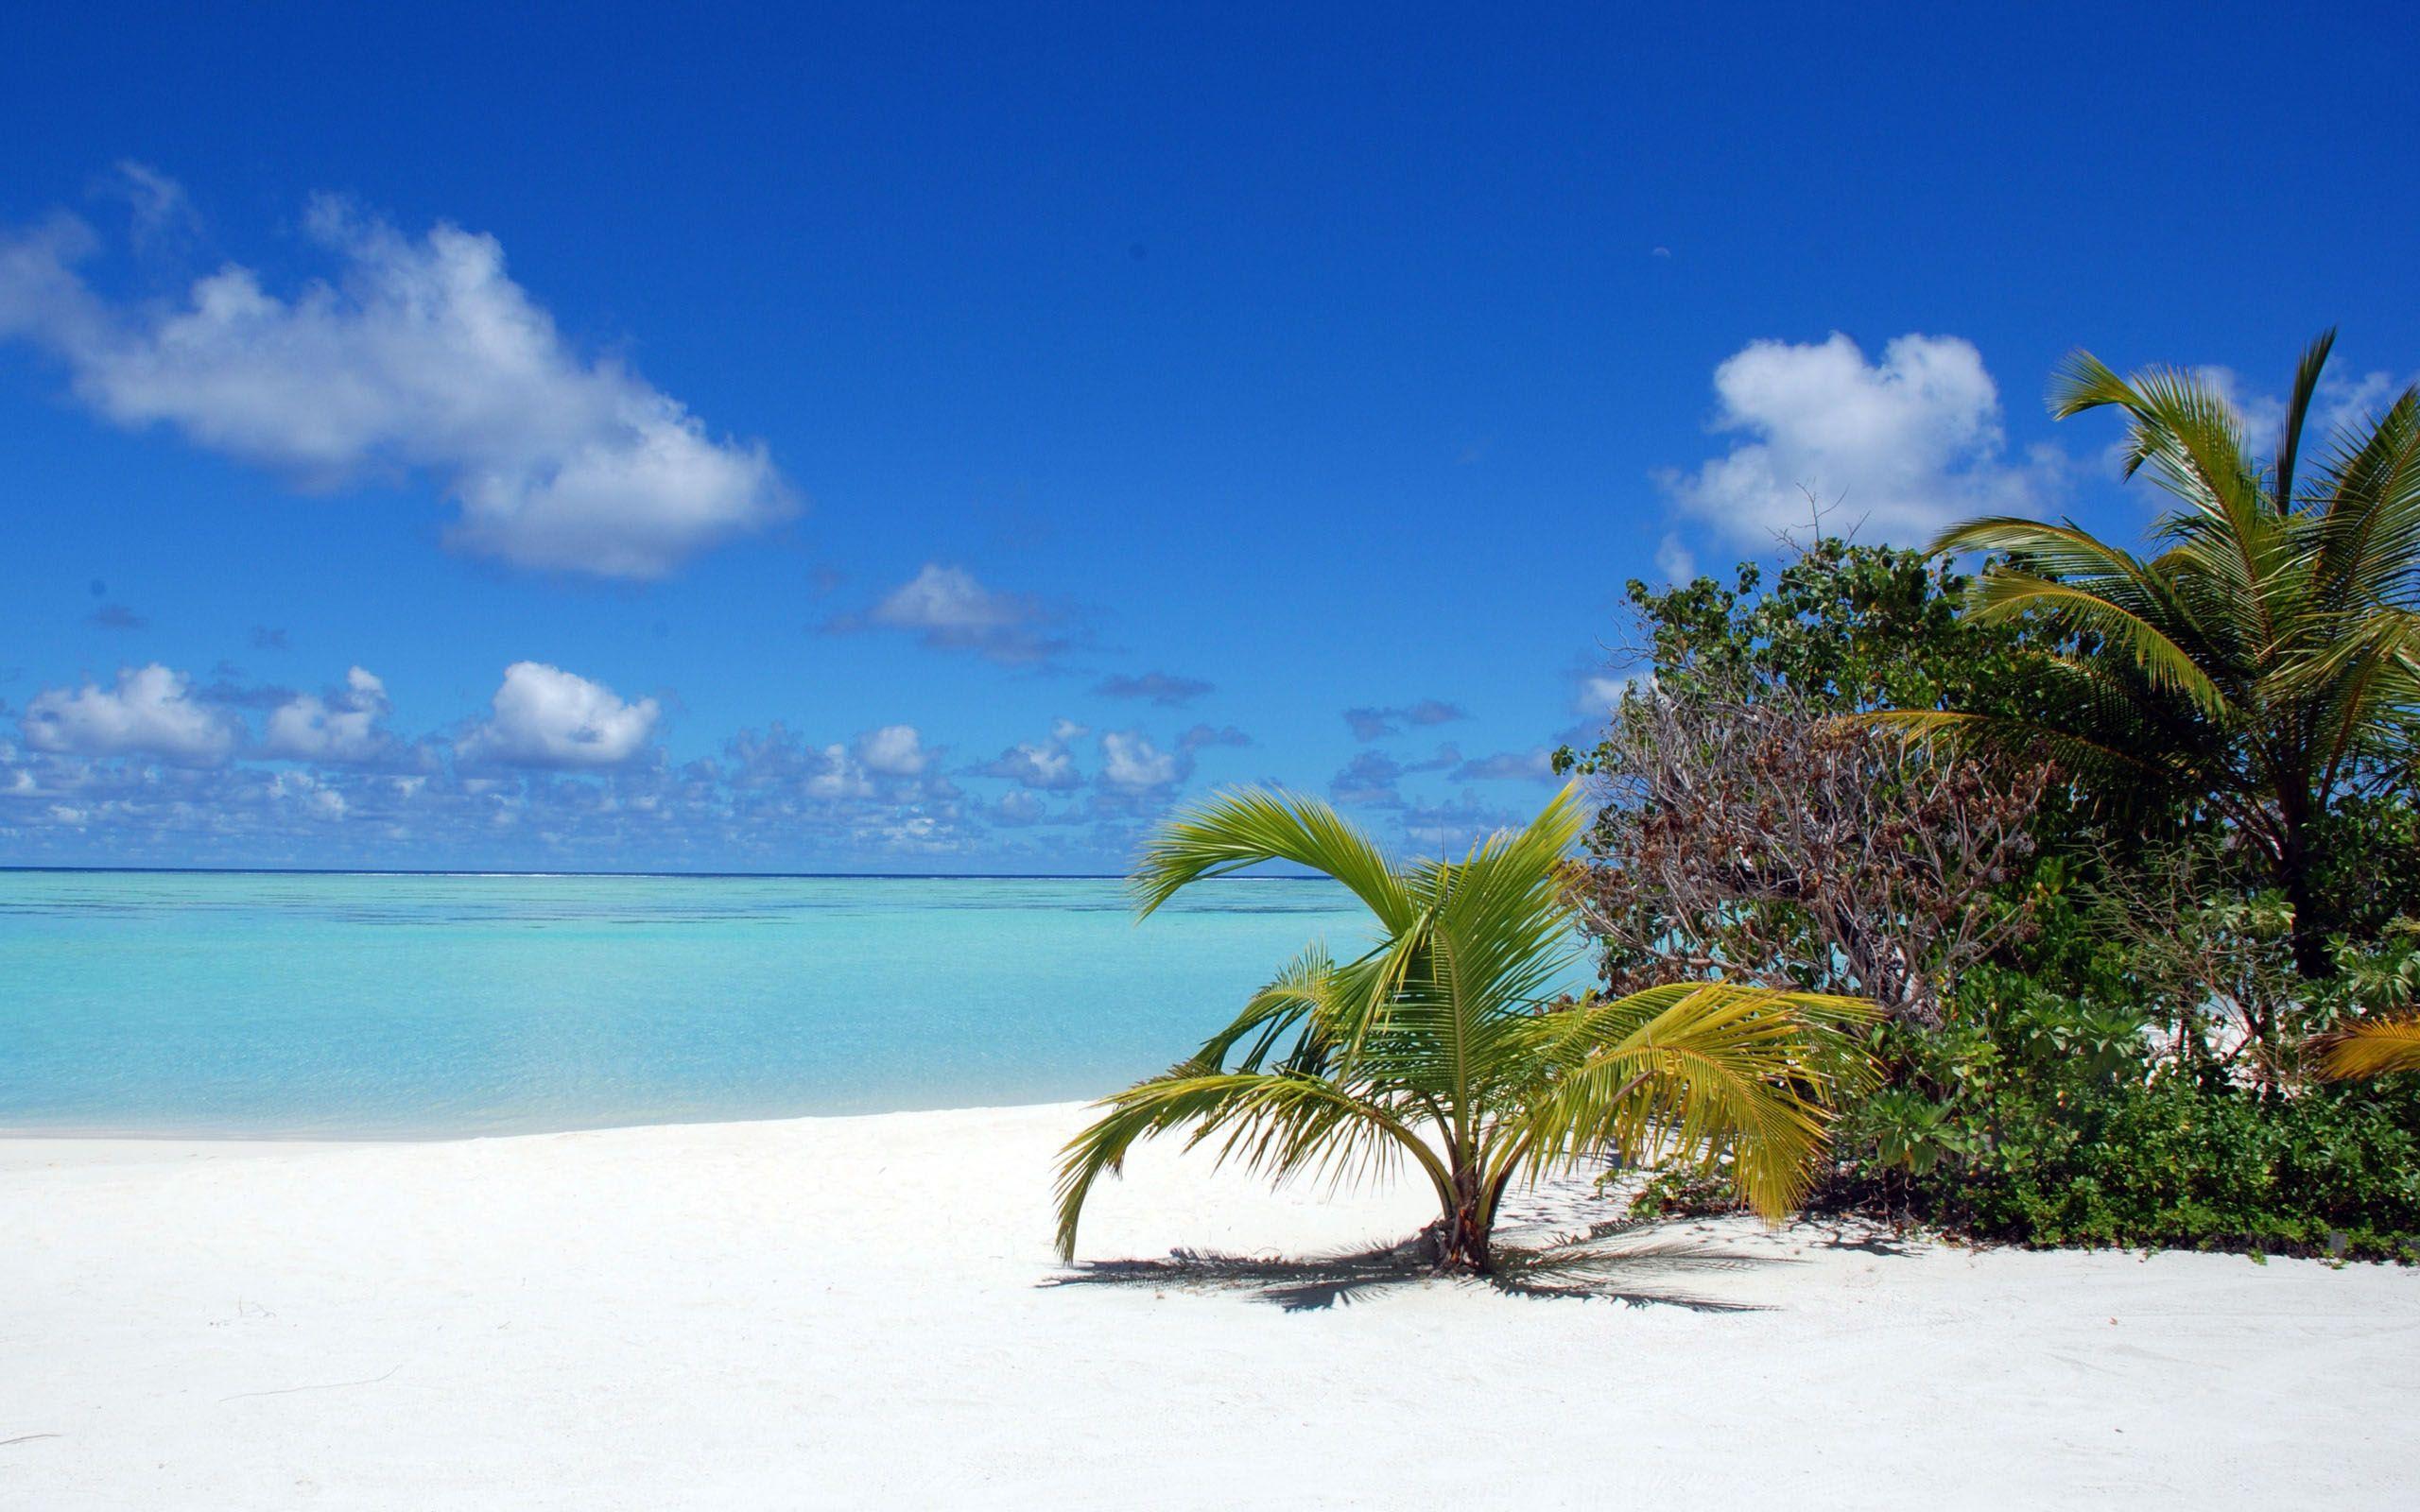 Maldives Maldives beach, Beautiful beaches, Palm trees